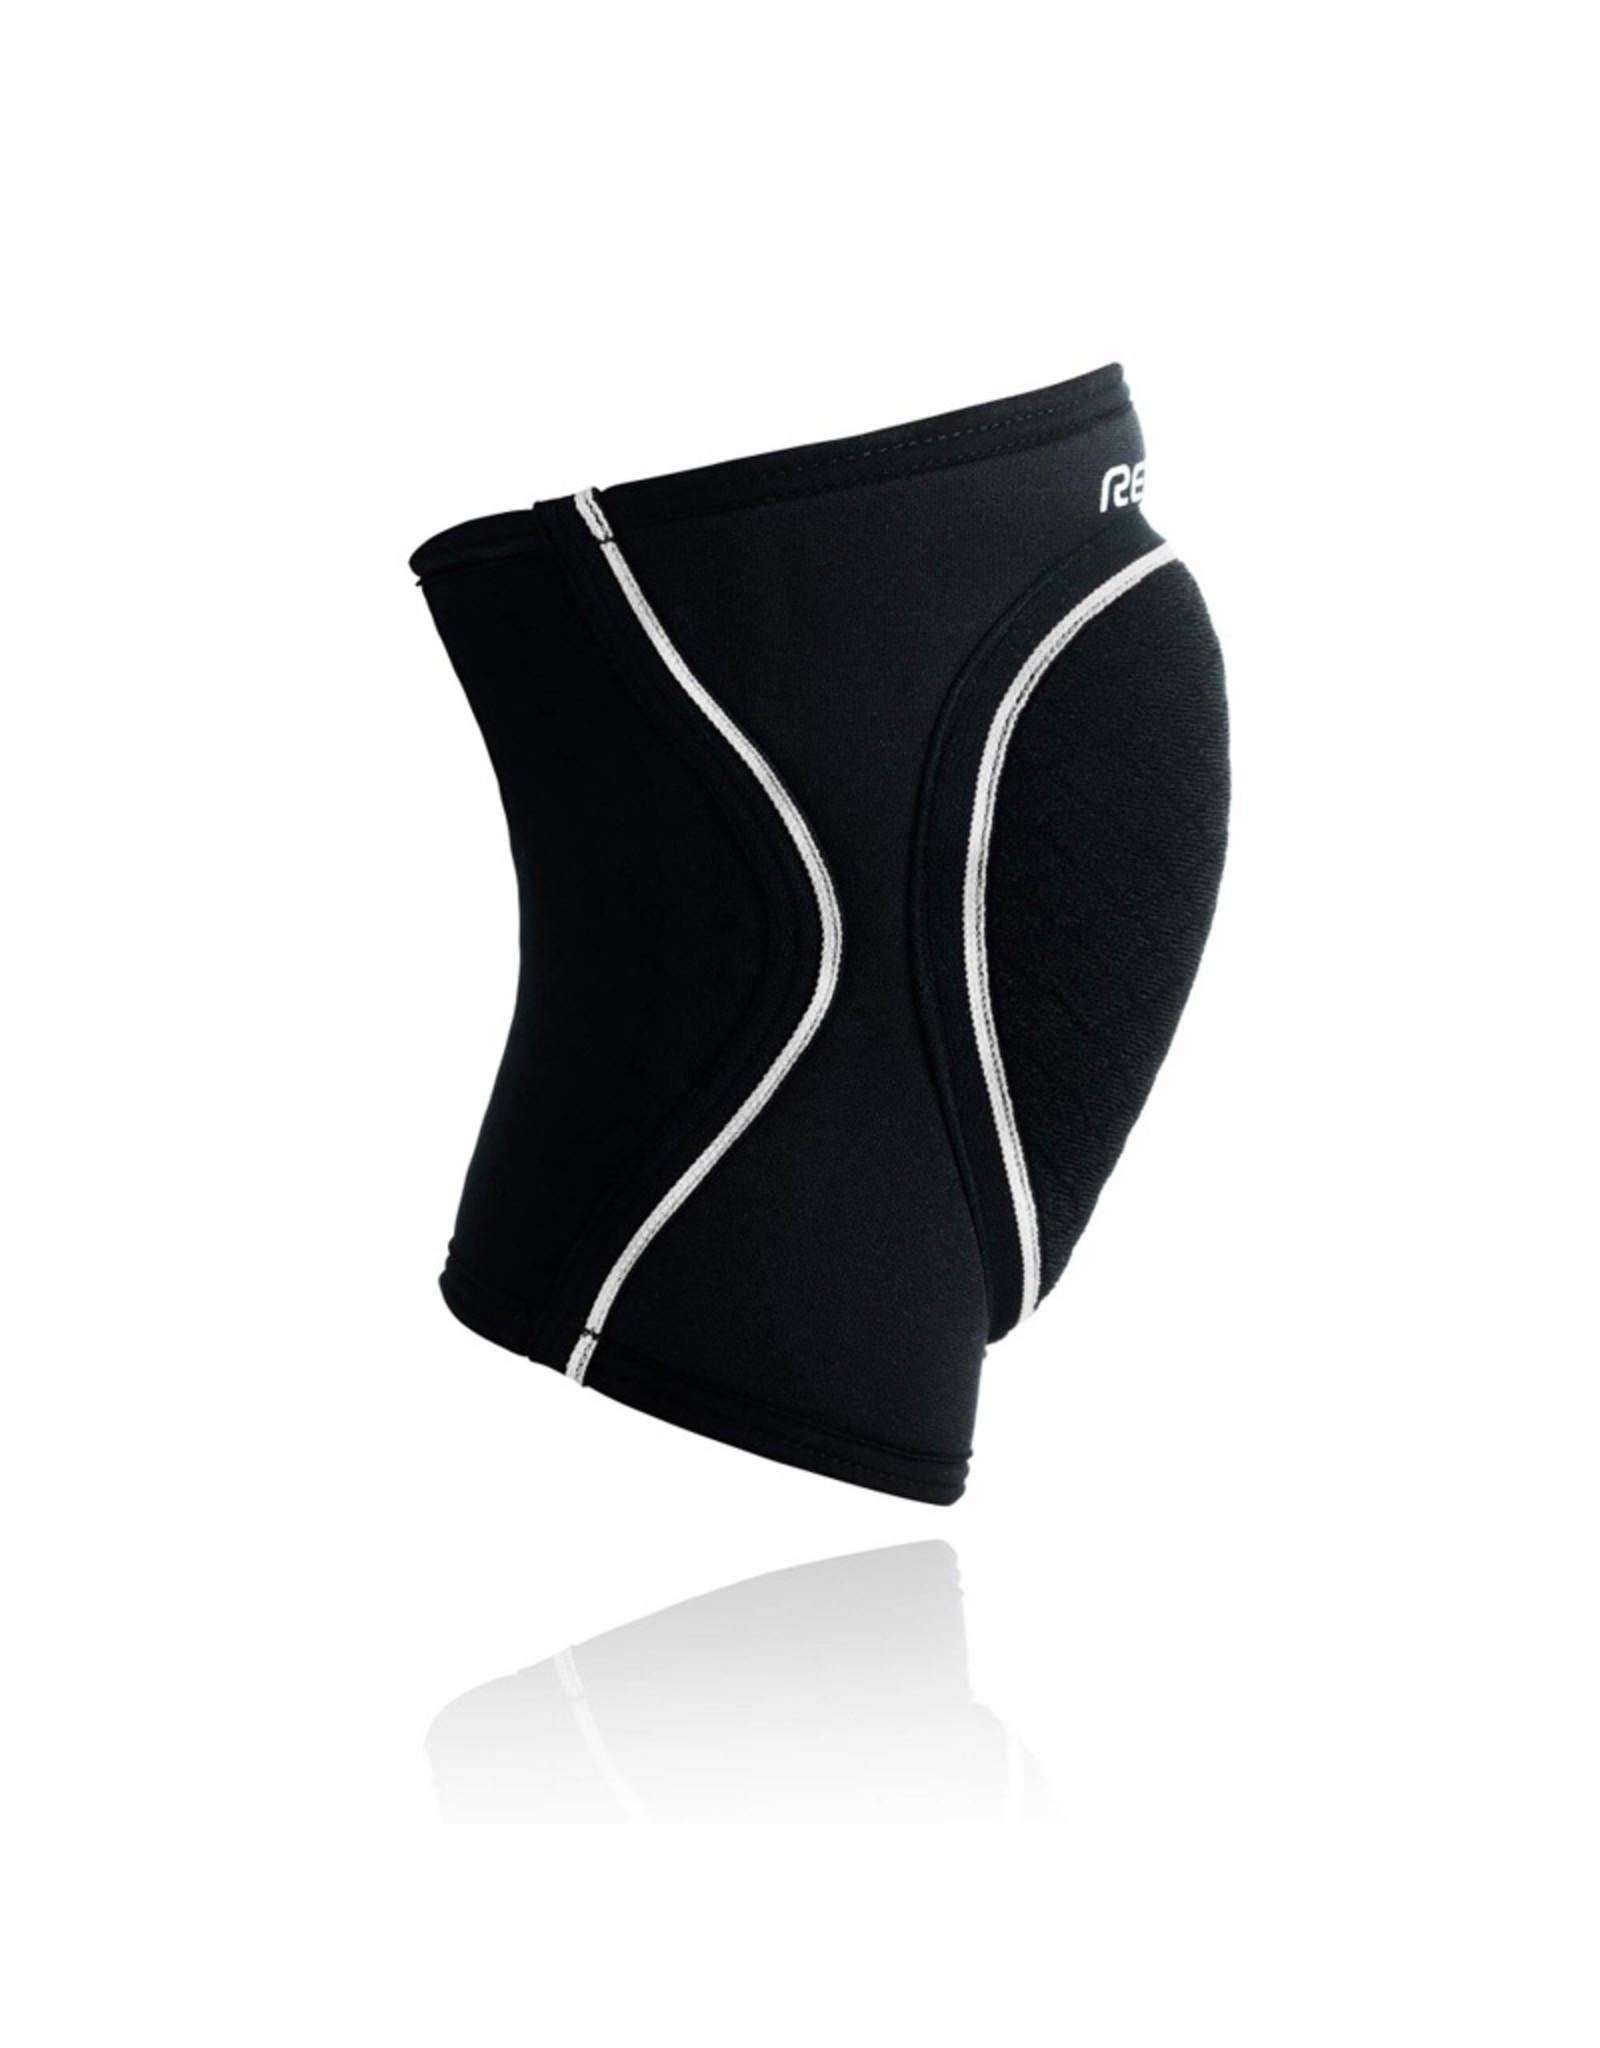 Rehband Prn Knee Pad 7Mm Genouillere - Noir